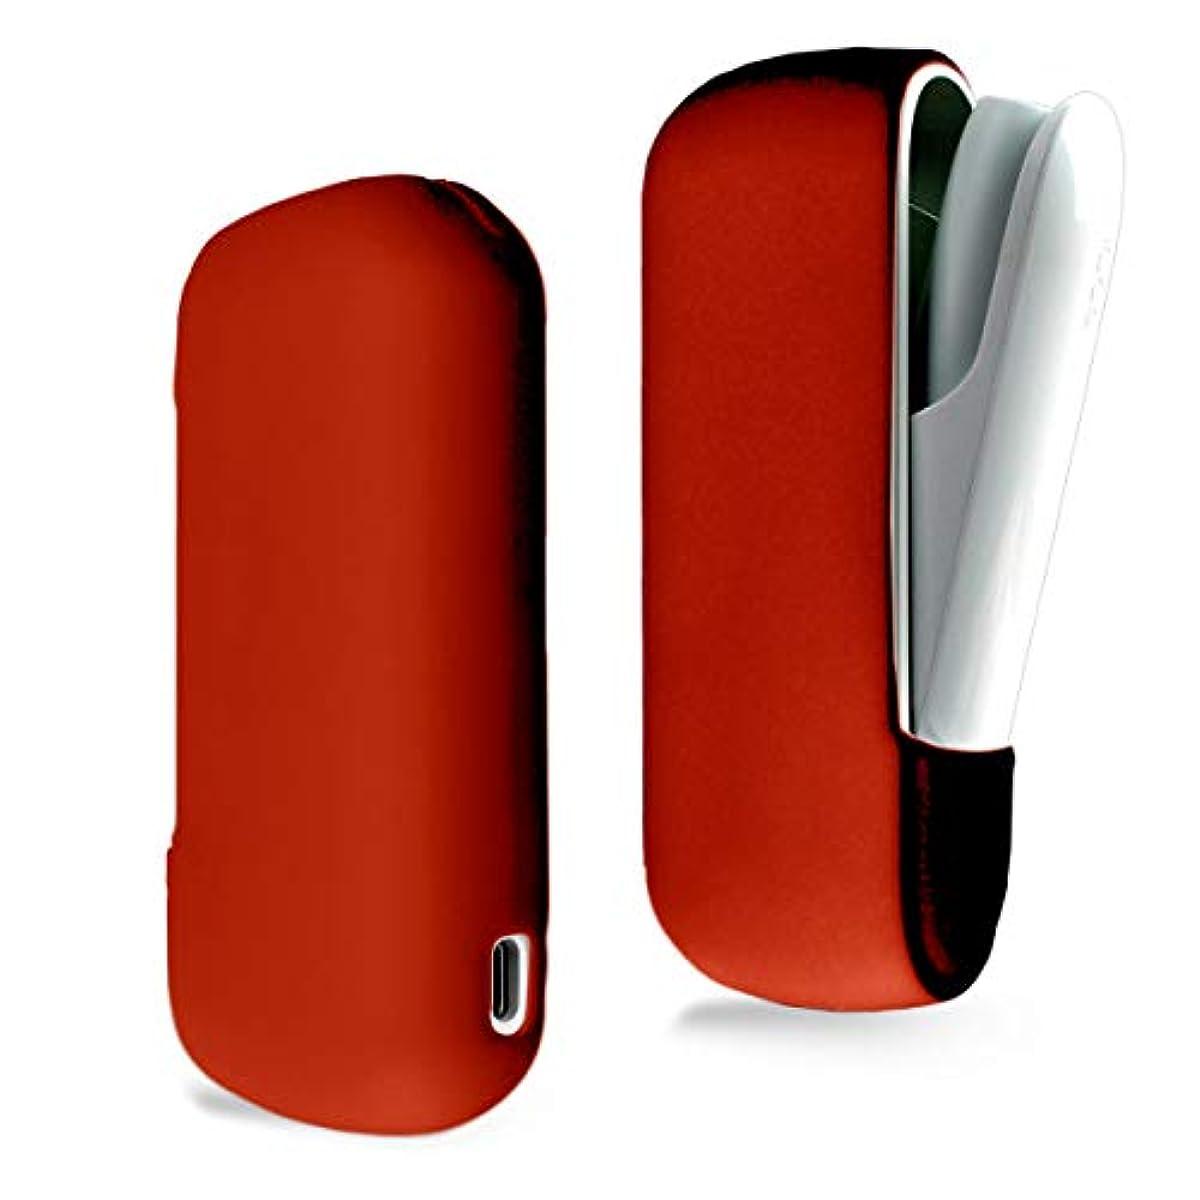 [해외] HIGH FIVE 아이고스3 케이스 신형 IQOS3 전용 실리콘 슬리브 케이스 아이고스3 커버 소프트 콤팩트 본체 수납 홀더 레드